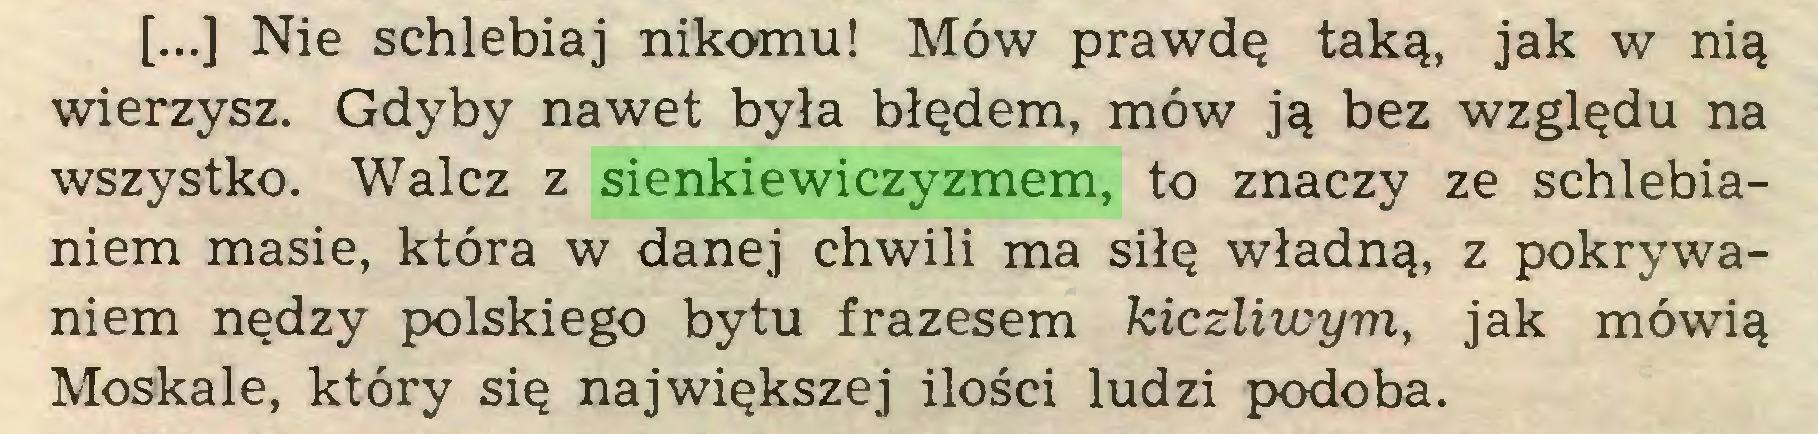 (...) [...] Nie schlebiaj nikomu! Mów prawdę taką, jak w nią wierzysz. Gdyby nawet była błędem, mów ją bez względu na wszystko. Walcz z sienkiewiczyzmem, to znaczy ze schlebianiem masie, która w danej chwili ma siłę władną, z pokrywaniem nędzy polskiego bytu frazesem kiczliwym, jak mówią Moskale, który się największej ilości ludzi podoba...